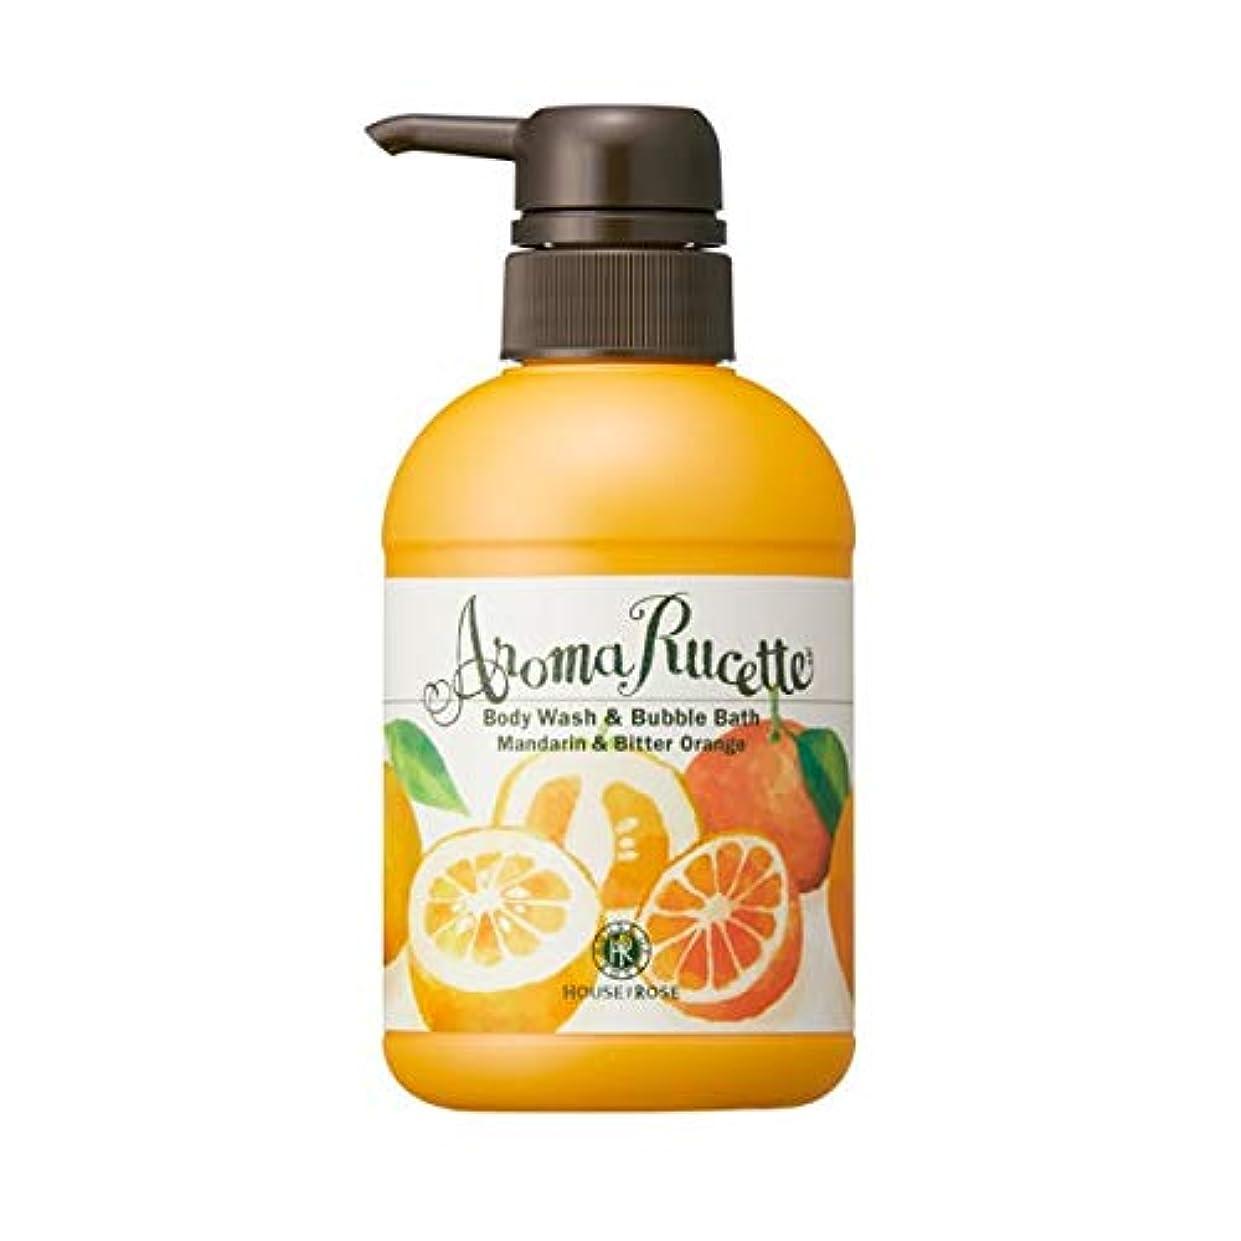 案件目を覚ます敏感なHOUSE OF ROSE(ハウスオブローゼ) ハウスオブローゼ/アロマルセット ボディウォッシュ&バブルバス MD&BO(マンダリン&ビターオレンジの香り)350mL